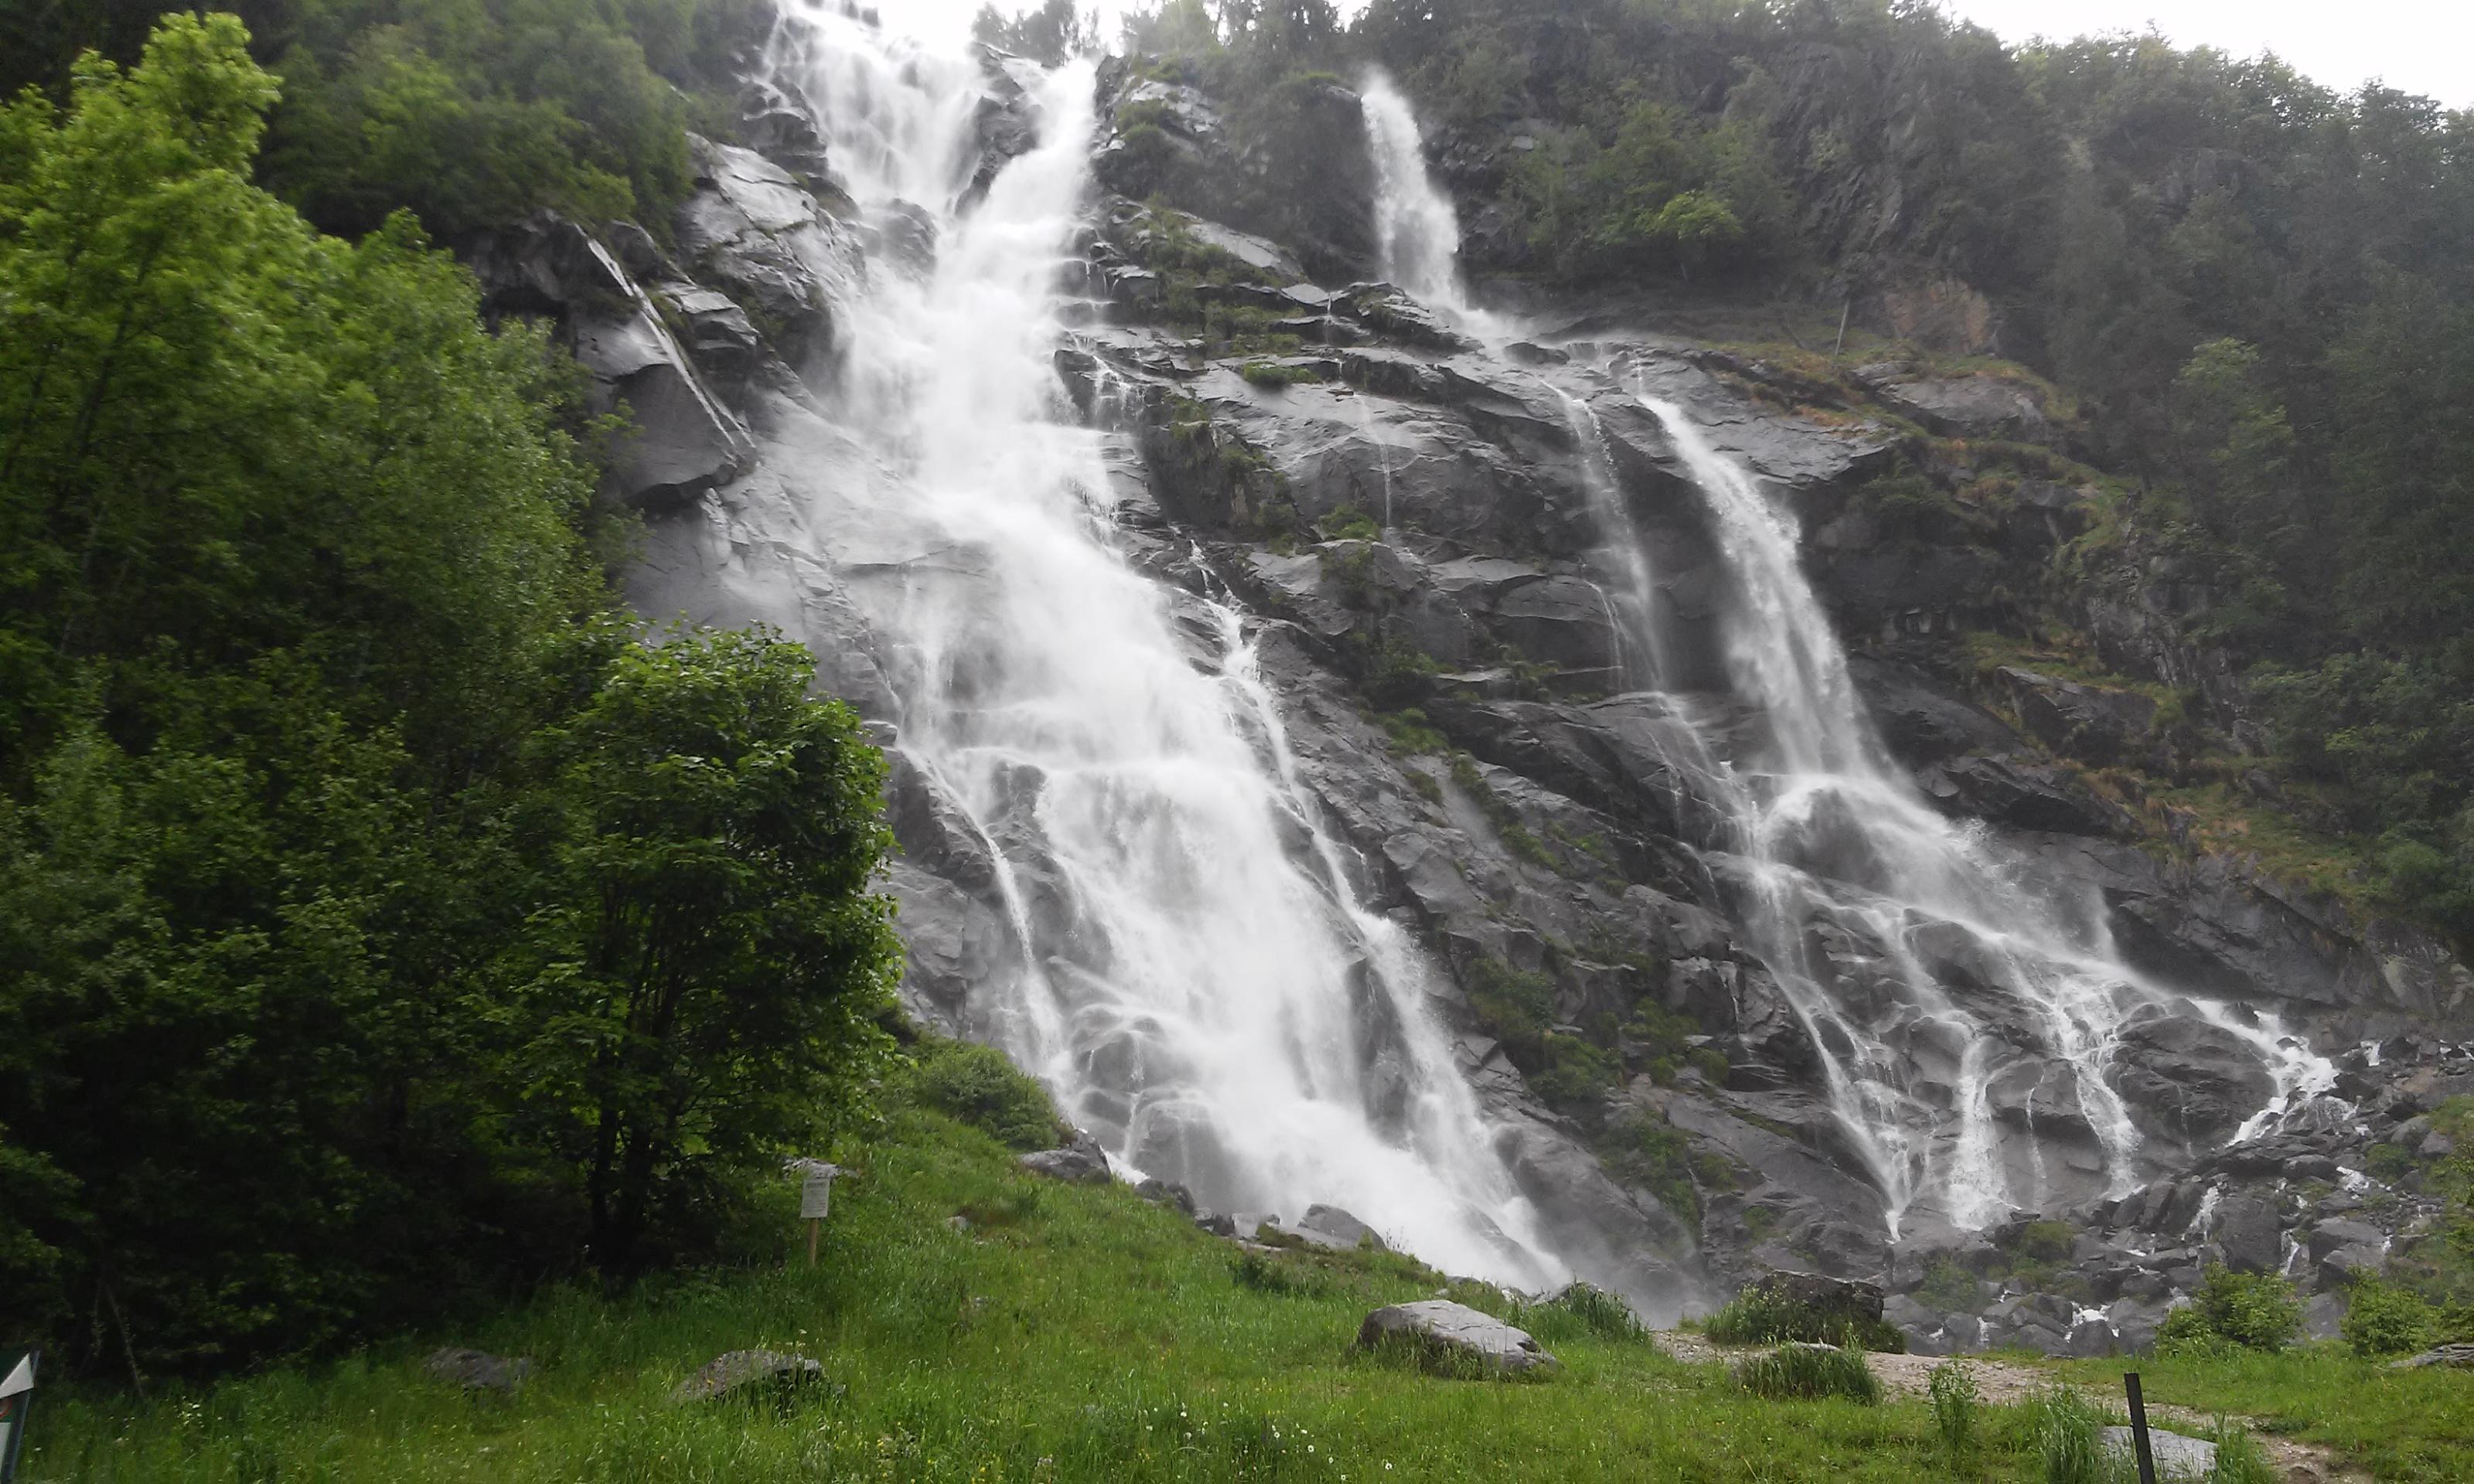 Vista delle splendide Cascate Nardis, nella zona di Carisolo (Val Rendena - Trentino) - foto scattata dal coach motivazionale Giancarlo Fornei martedì 31 maggio 2016